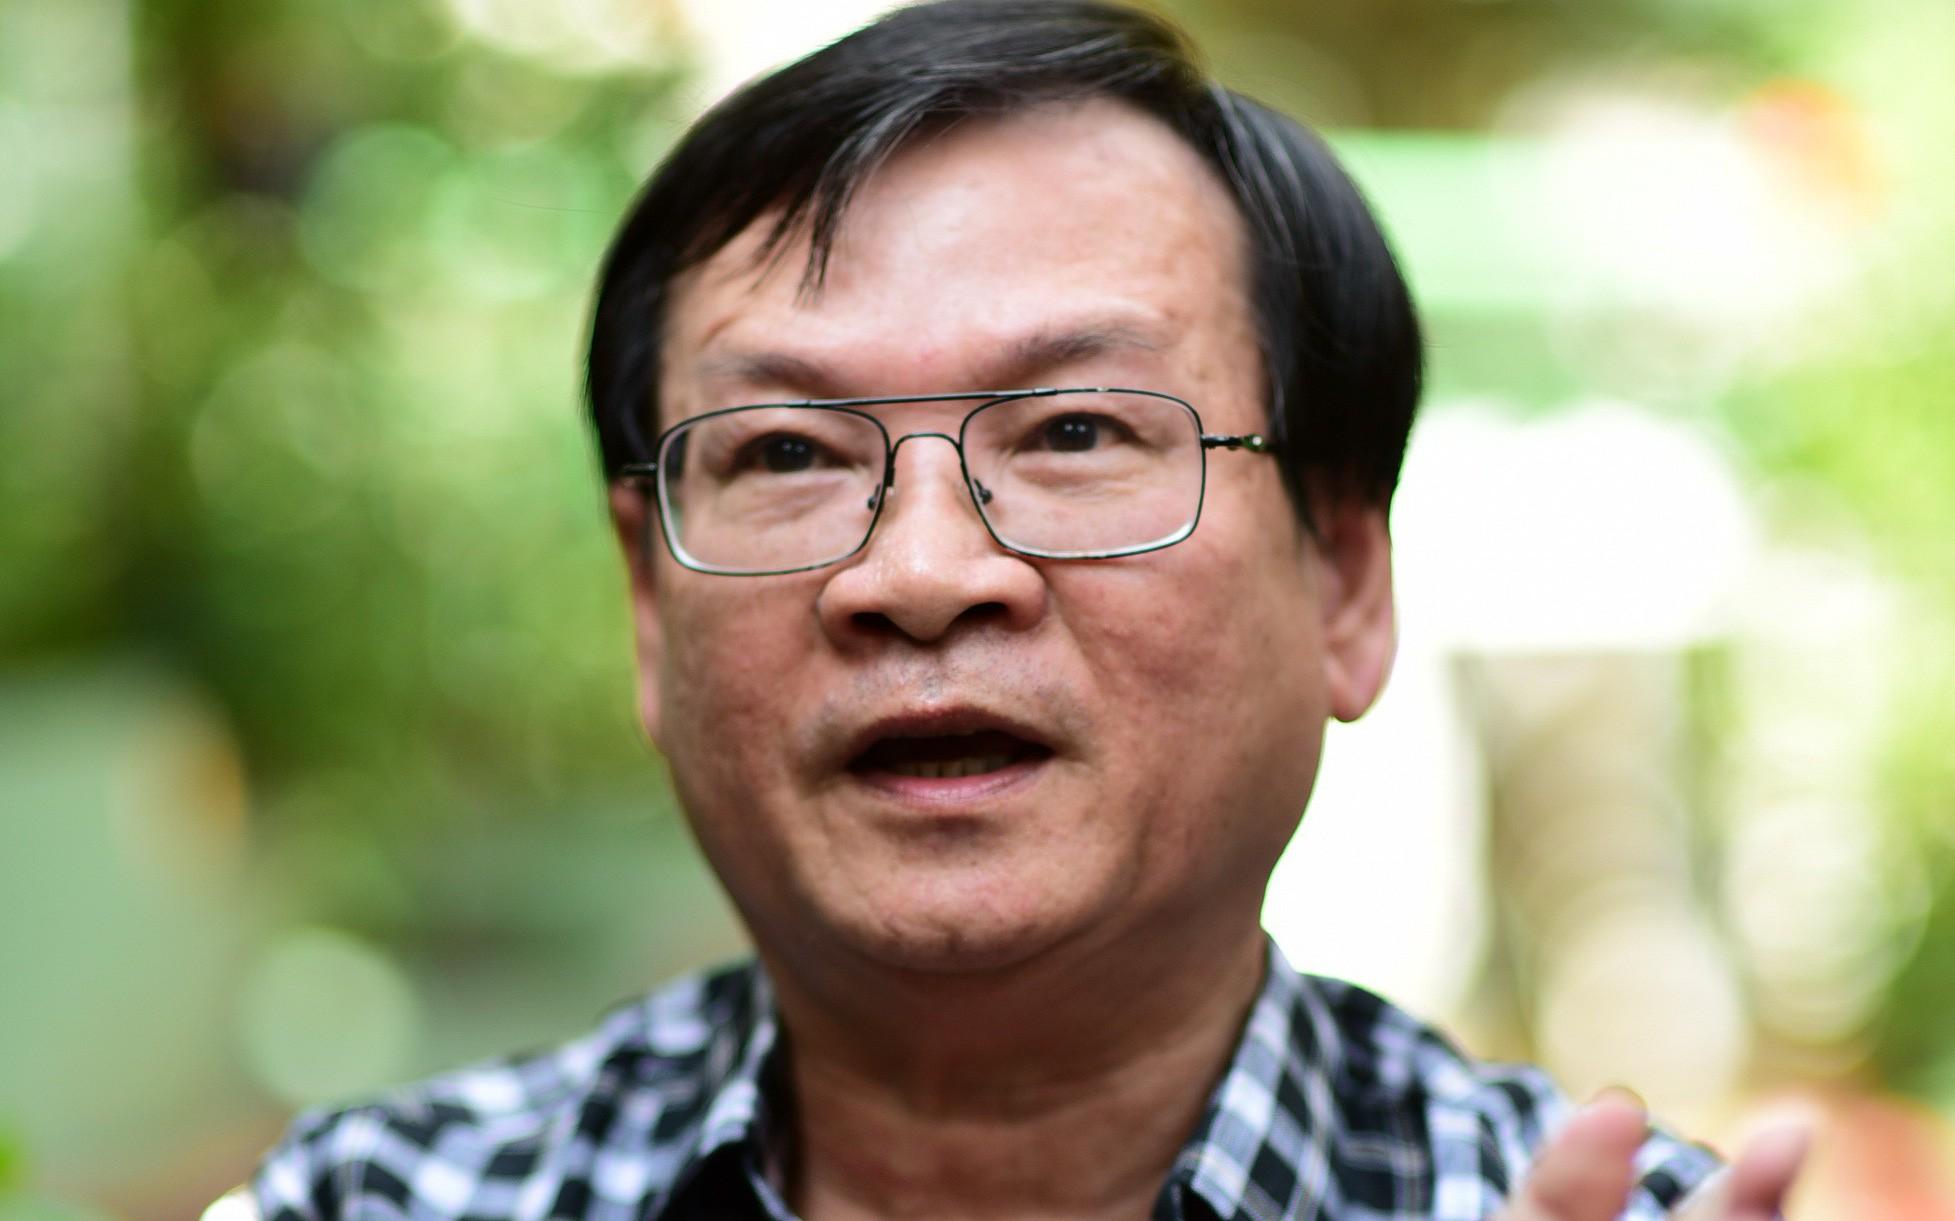 Cuối năm với nhà văn Nguyễn Nhật Ánh: nghề văn bất trắc!